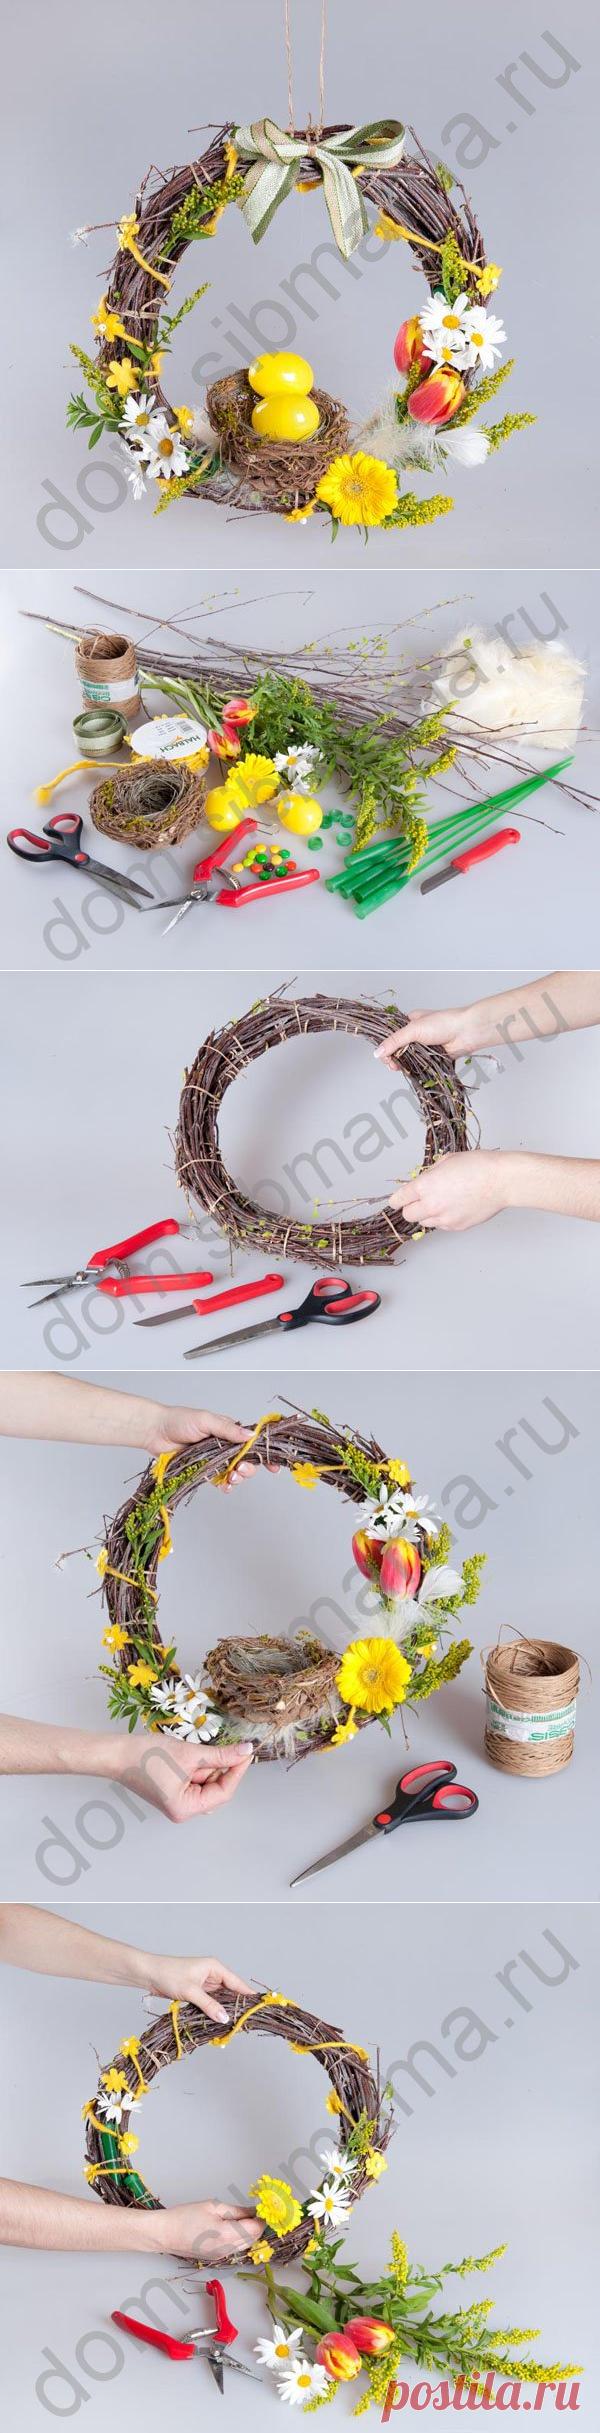 Мастер-класс по созданию пасхального венка — Сделай сам, идеи для творчества - DIY Ideas